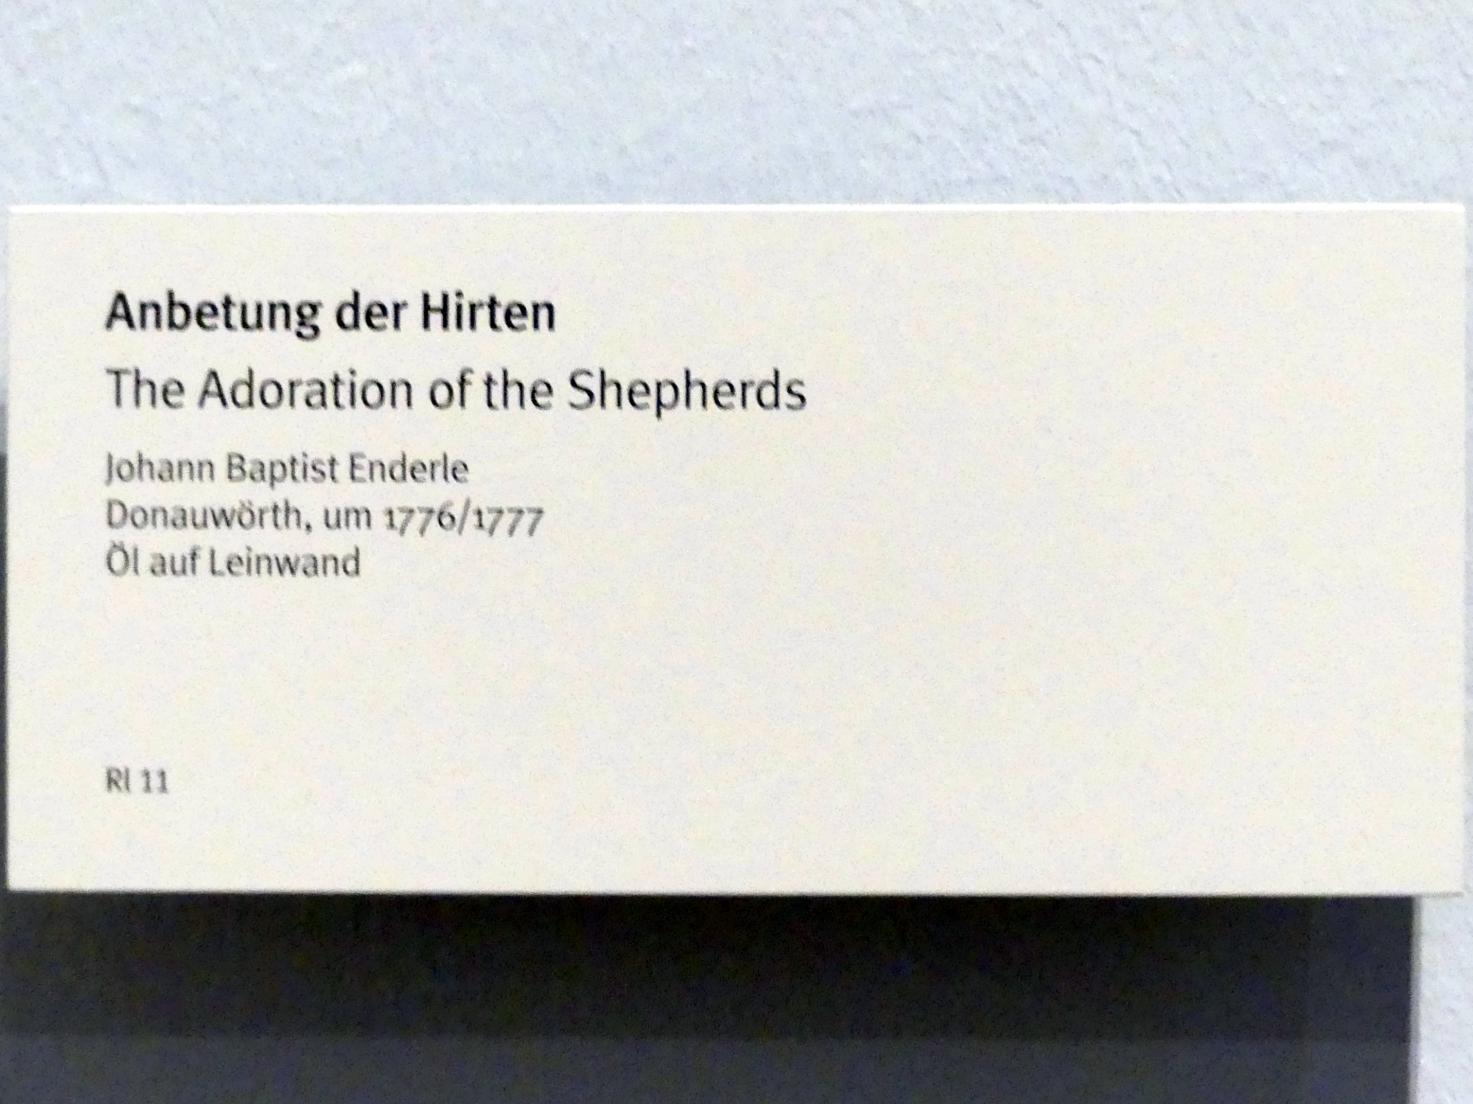 Johann Baptist Enderle: Anbetung der Hirten, um 1776 - 1777, Bild 2/2